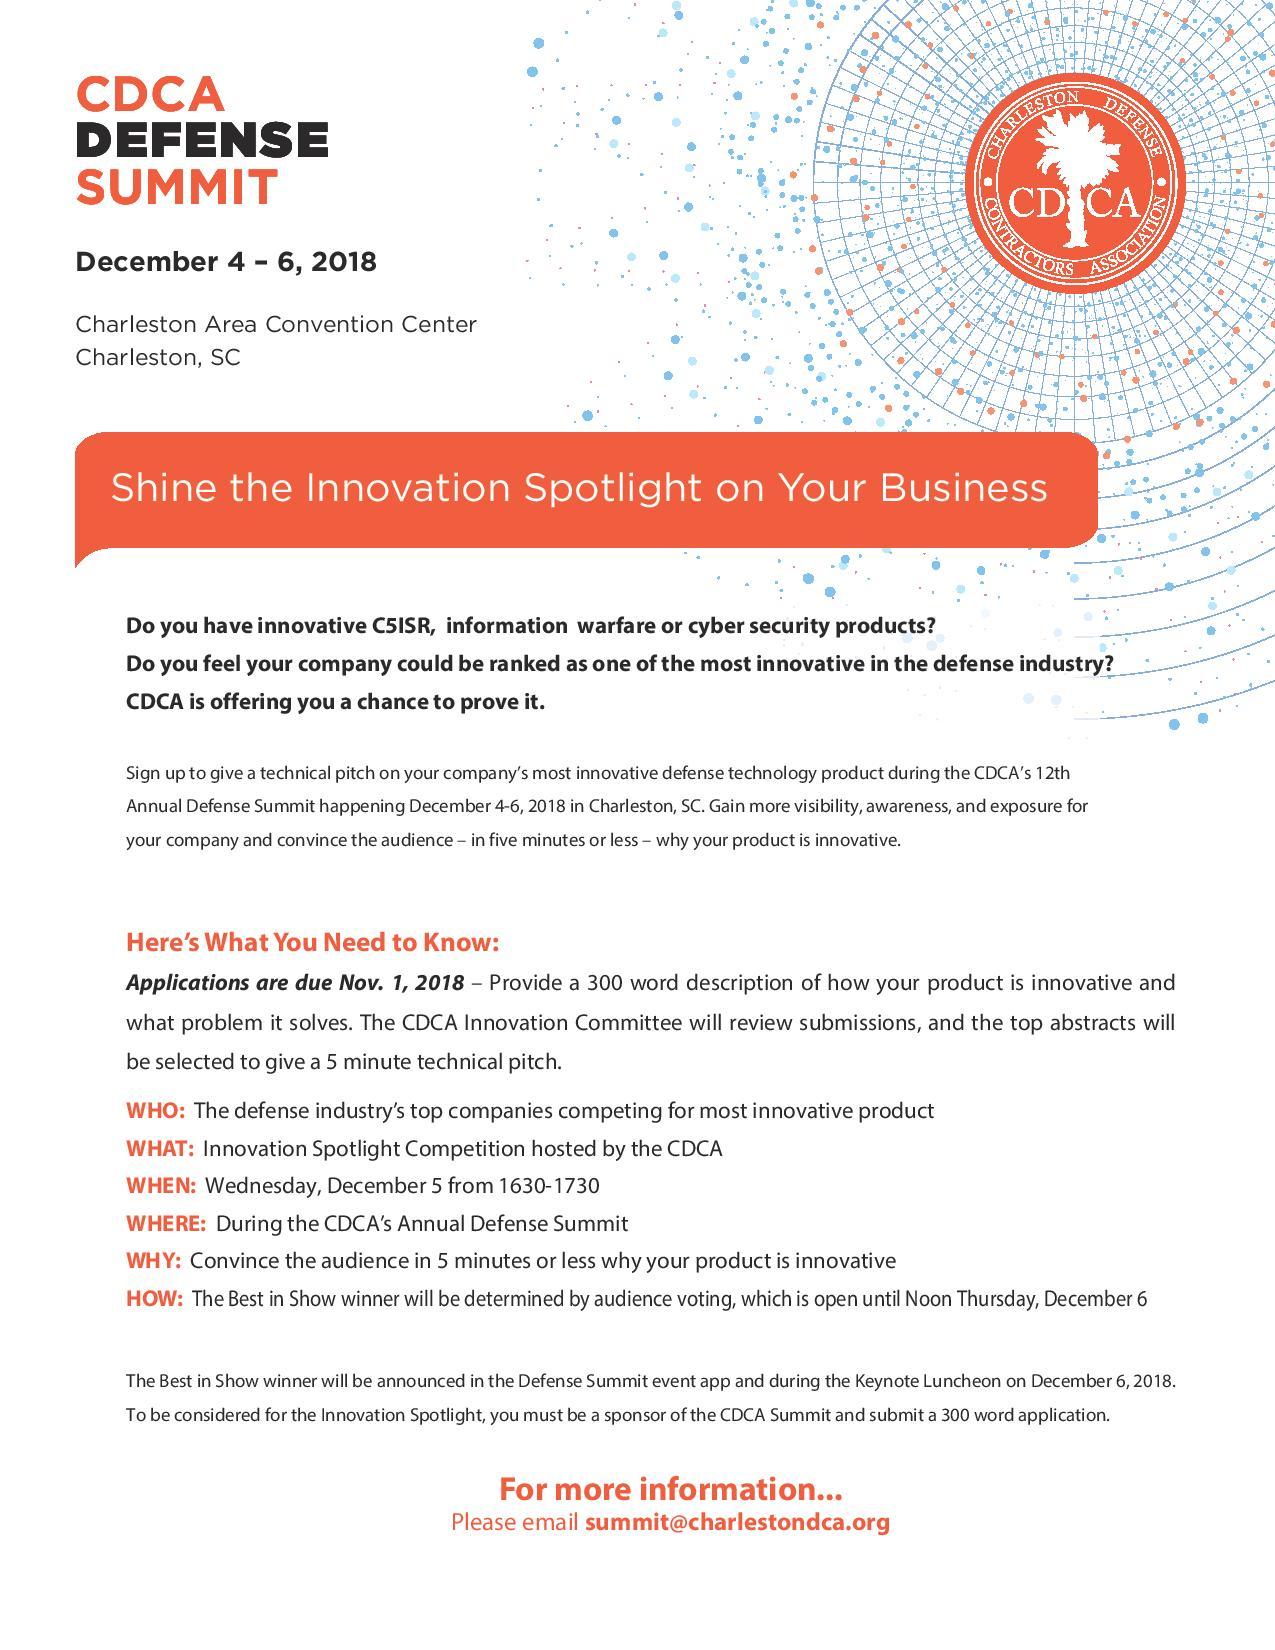 CDCA_InnovationSpotlight_flyer_v4_fillable_4-page-001.jpg